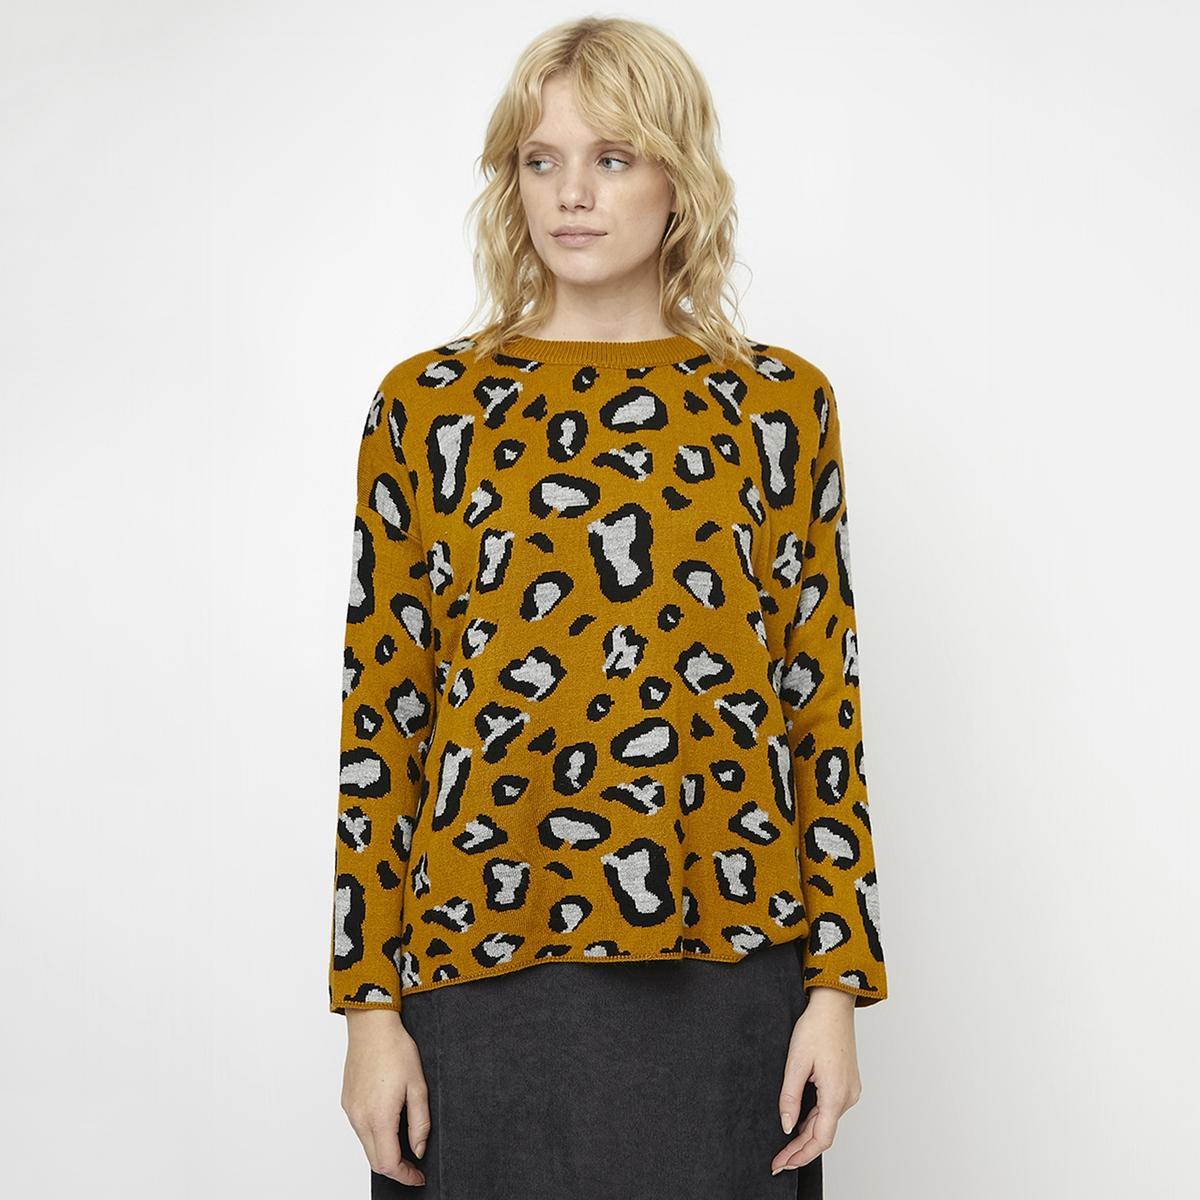 Пуловер La Redoute С леопардовым принтом расклешенный снизу L другие ботильоны челси la redoute с леопардовым принтом на заднике 43 черный